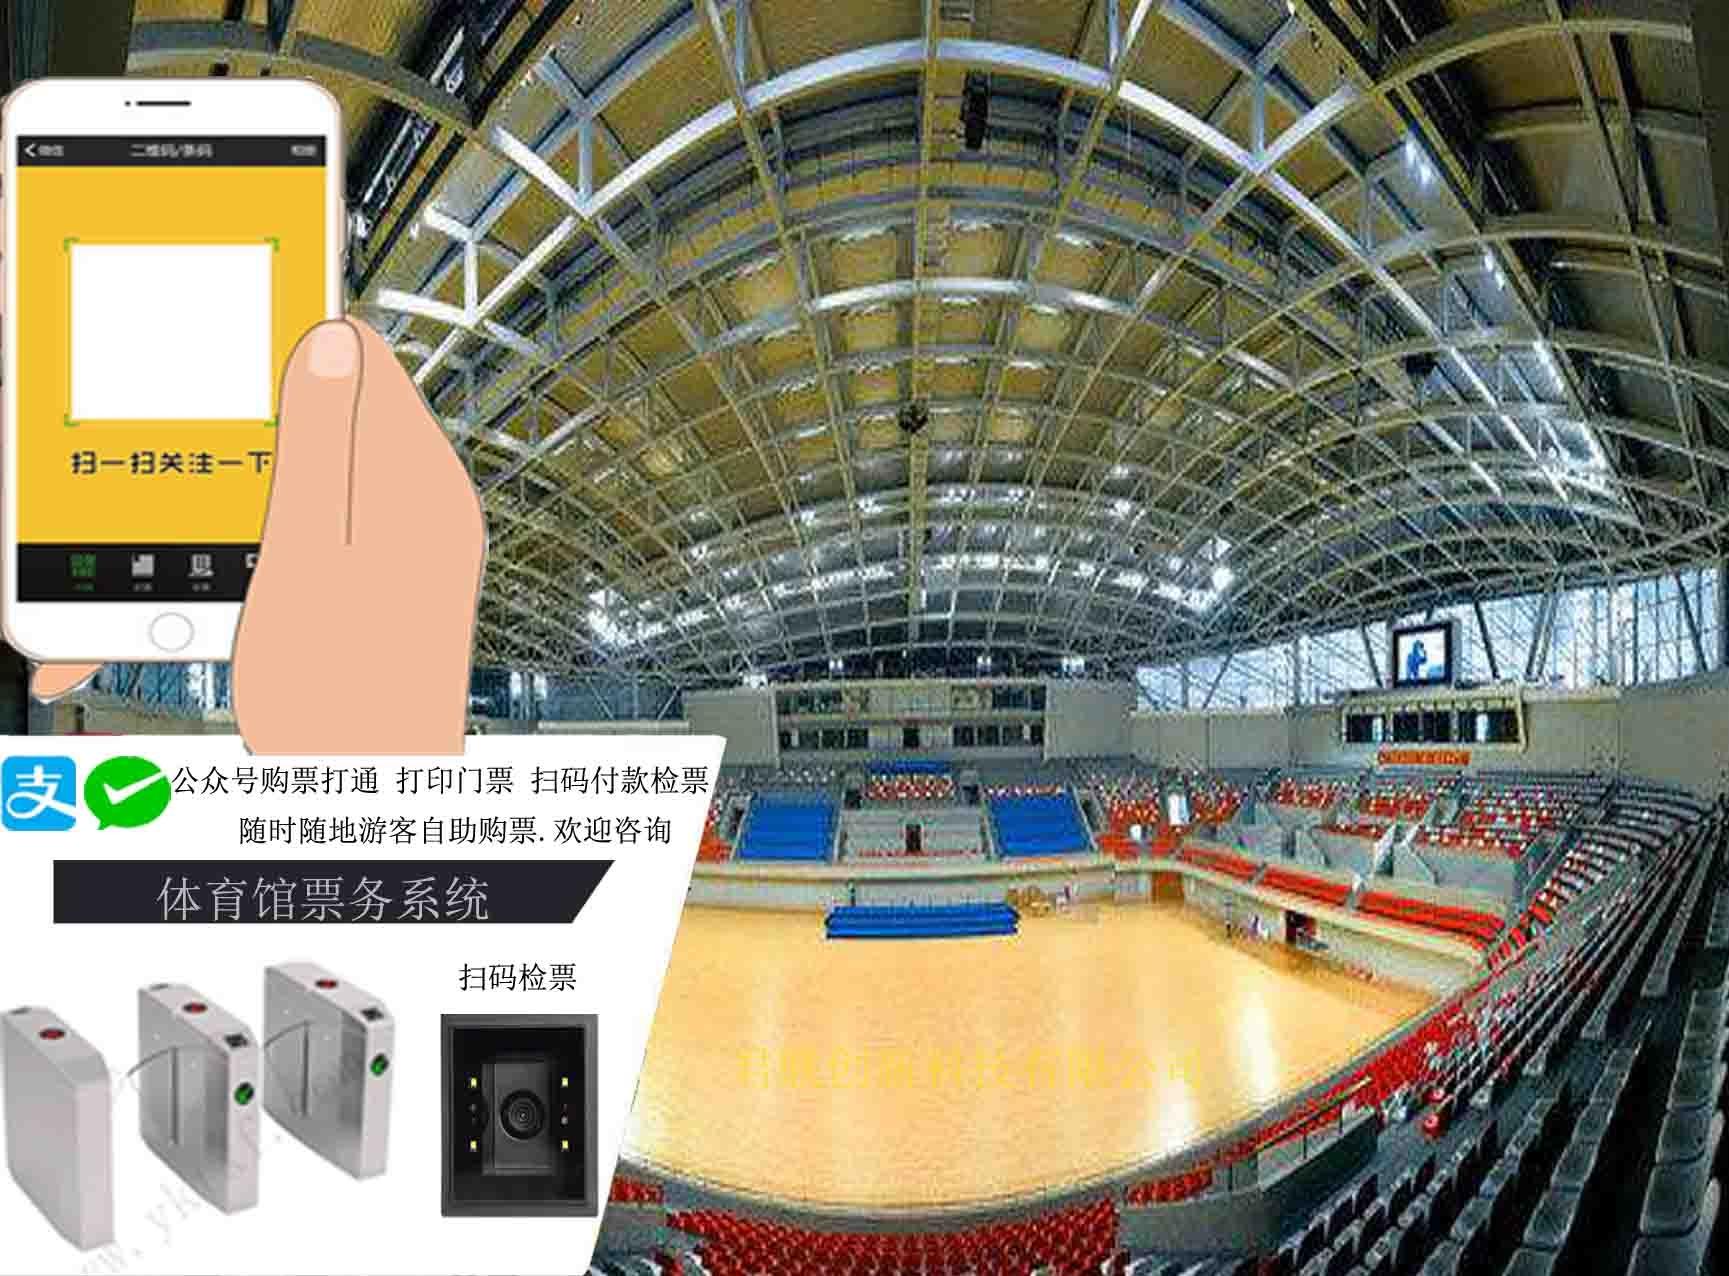 江西赣州市体育馆收费系统